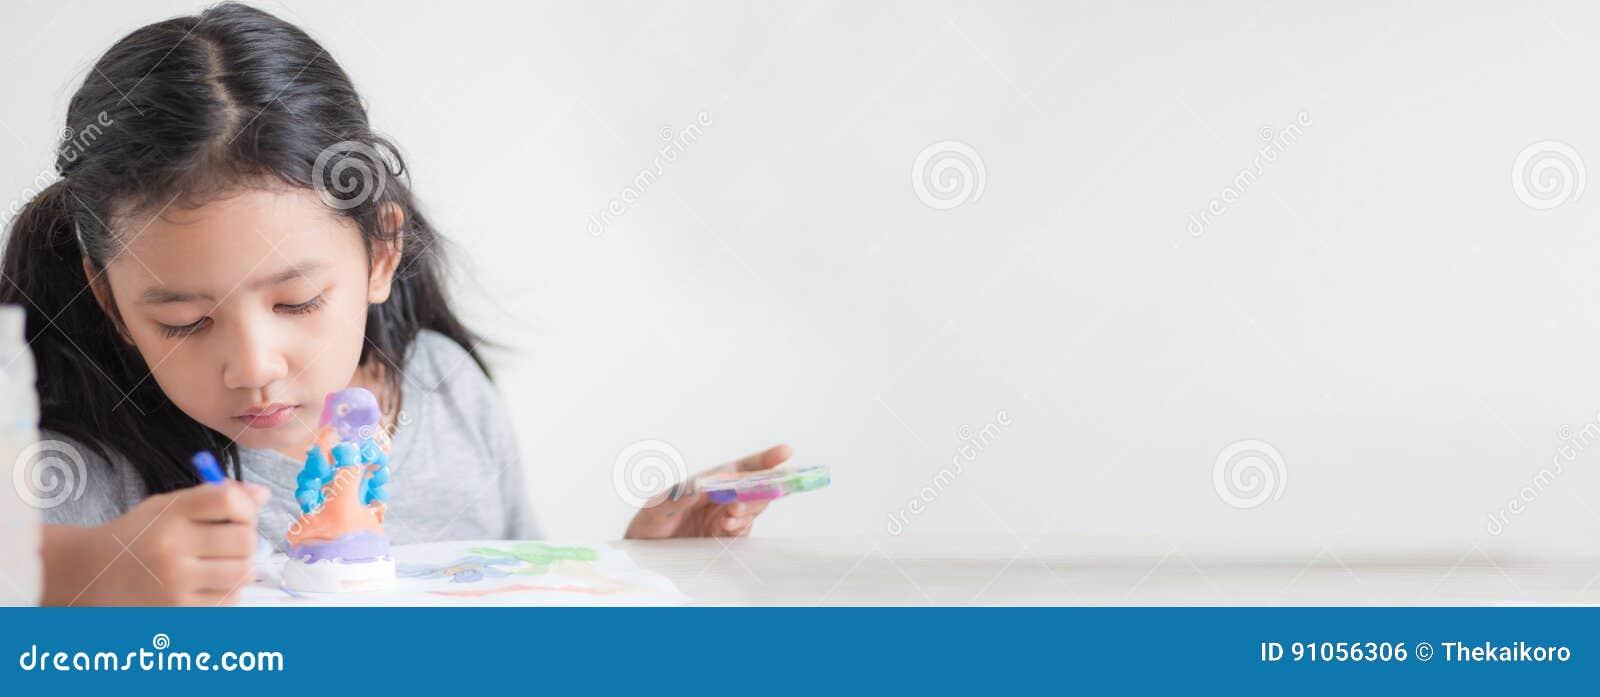 Закройте вверх по съемке азиатского цвета отмелого dept o картины маленькой девочки